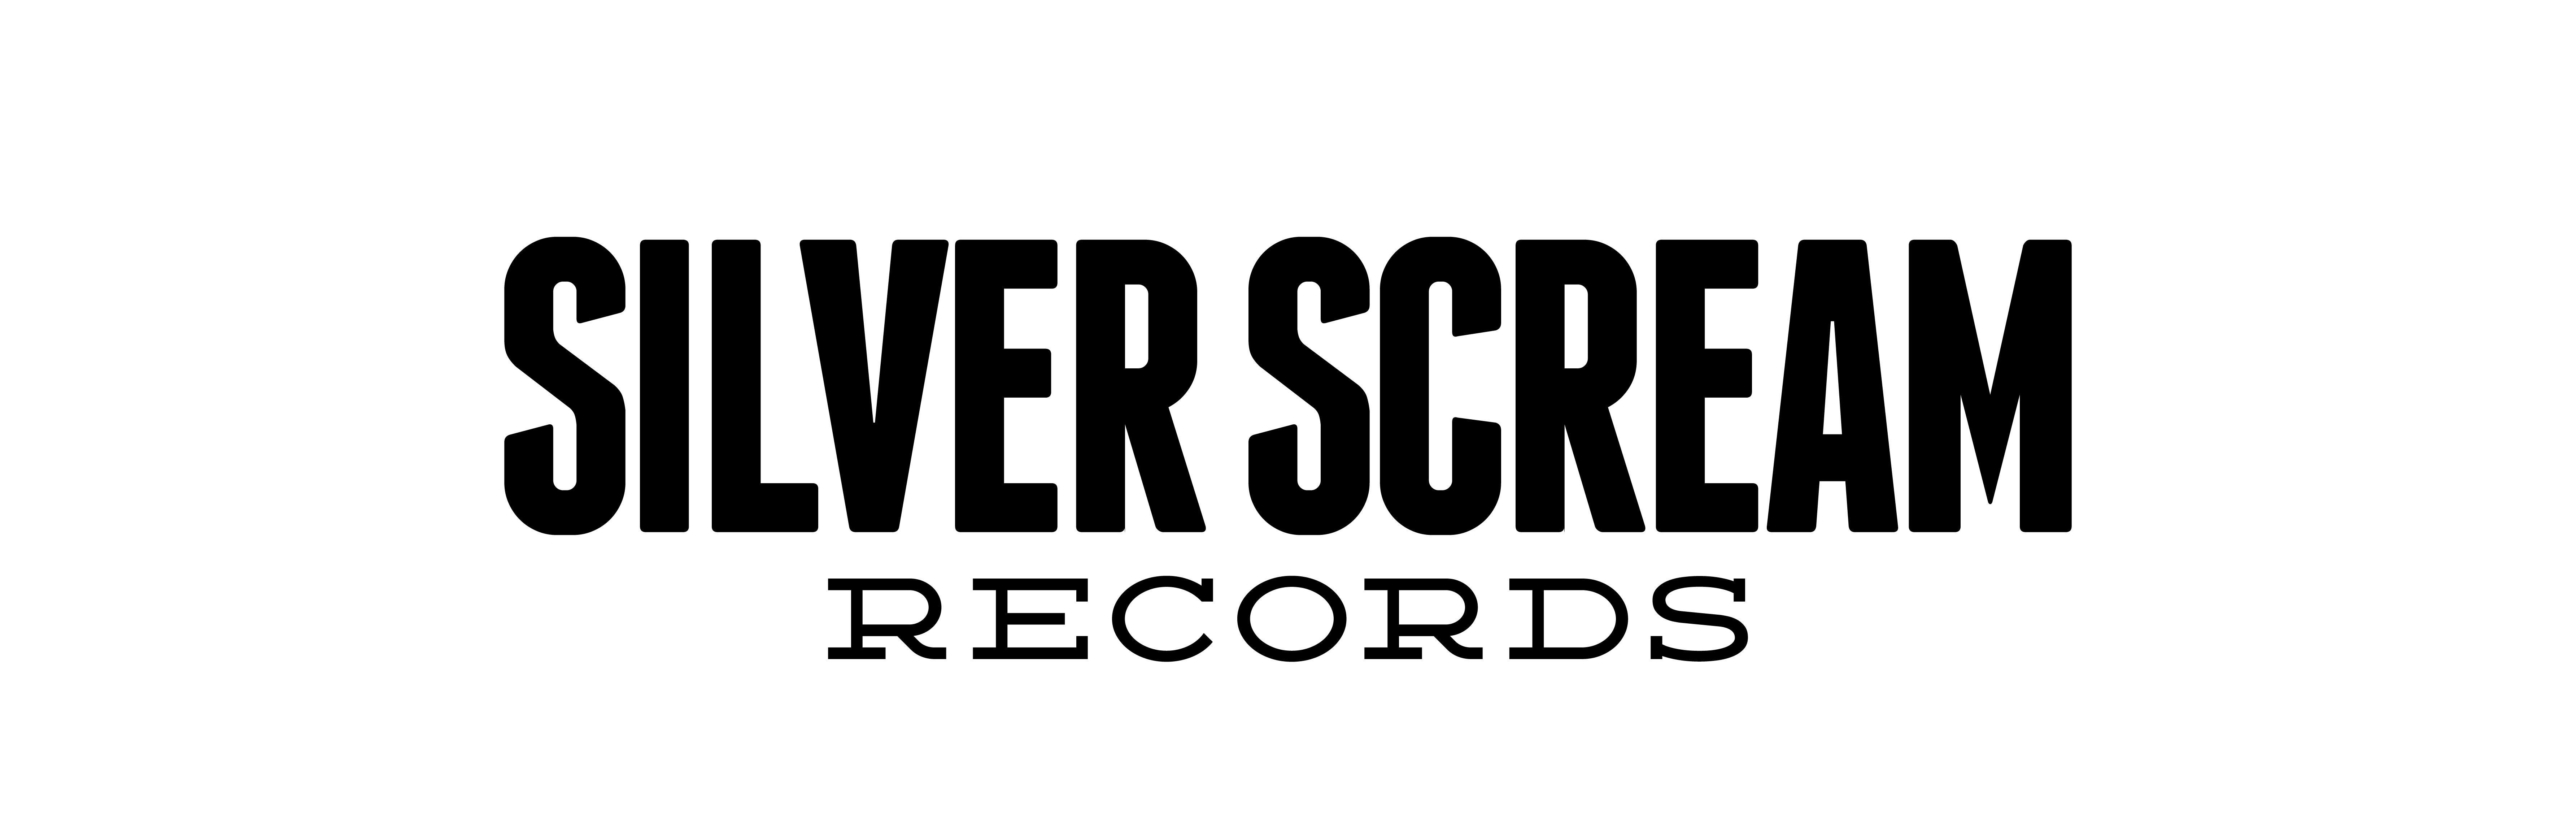 Silver Scream Records